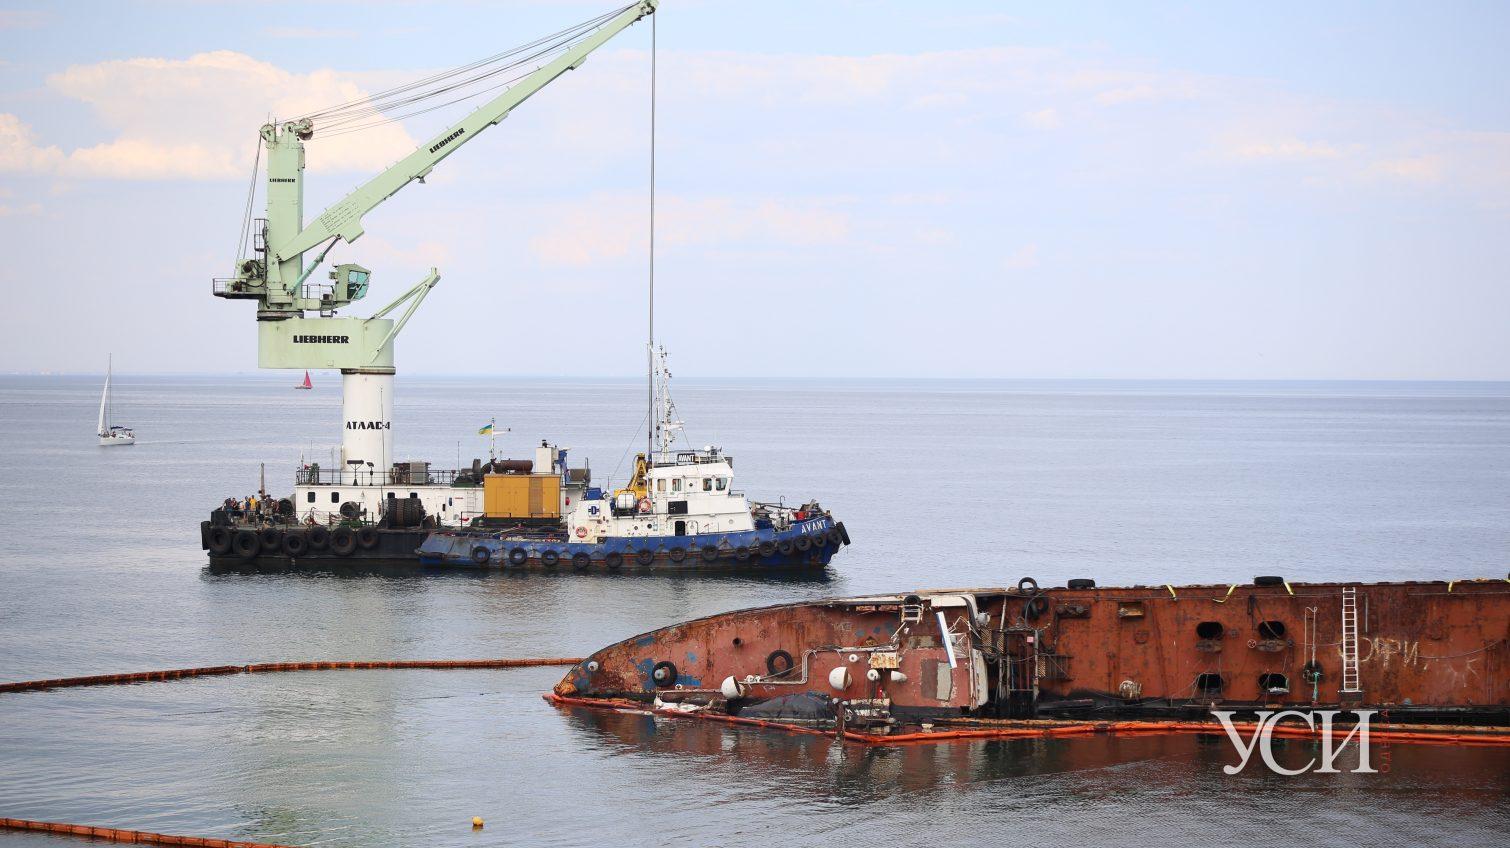 Эпопея с Delfi: в Одессе ищут кран для подъема затонувшего судна, в Киеве говорят, что уже нашли «фото»